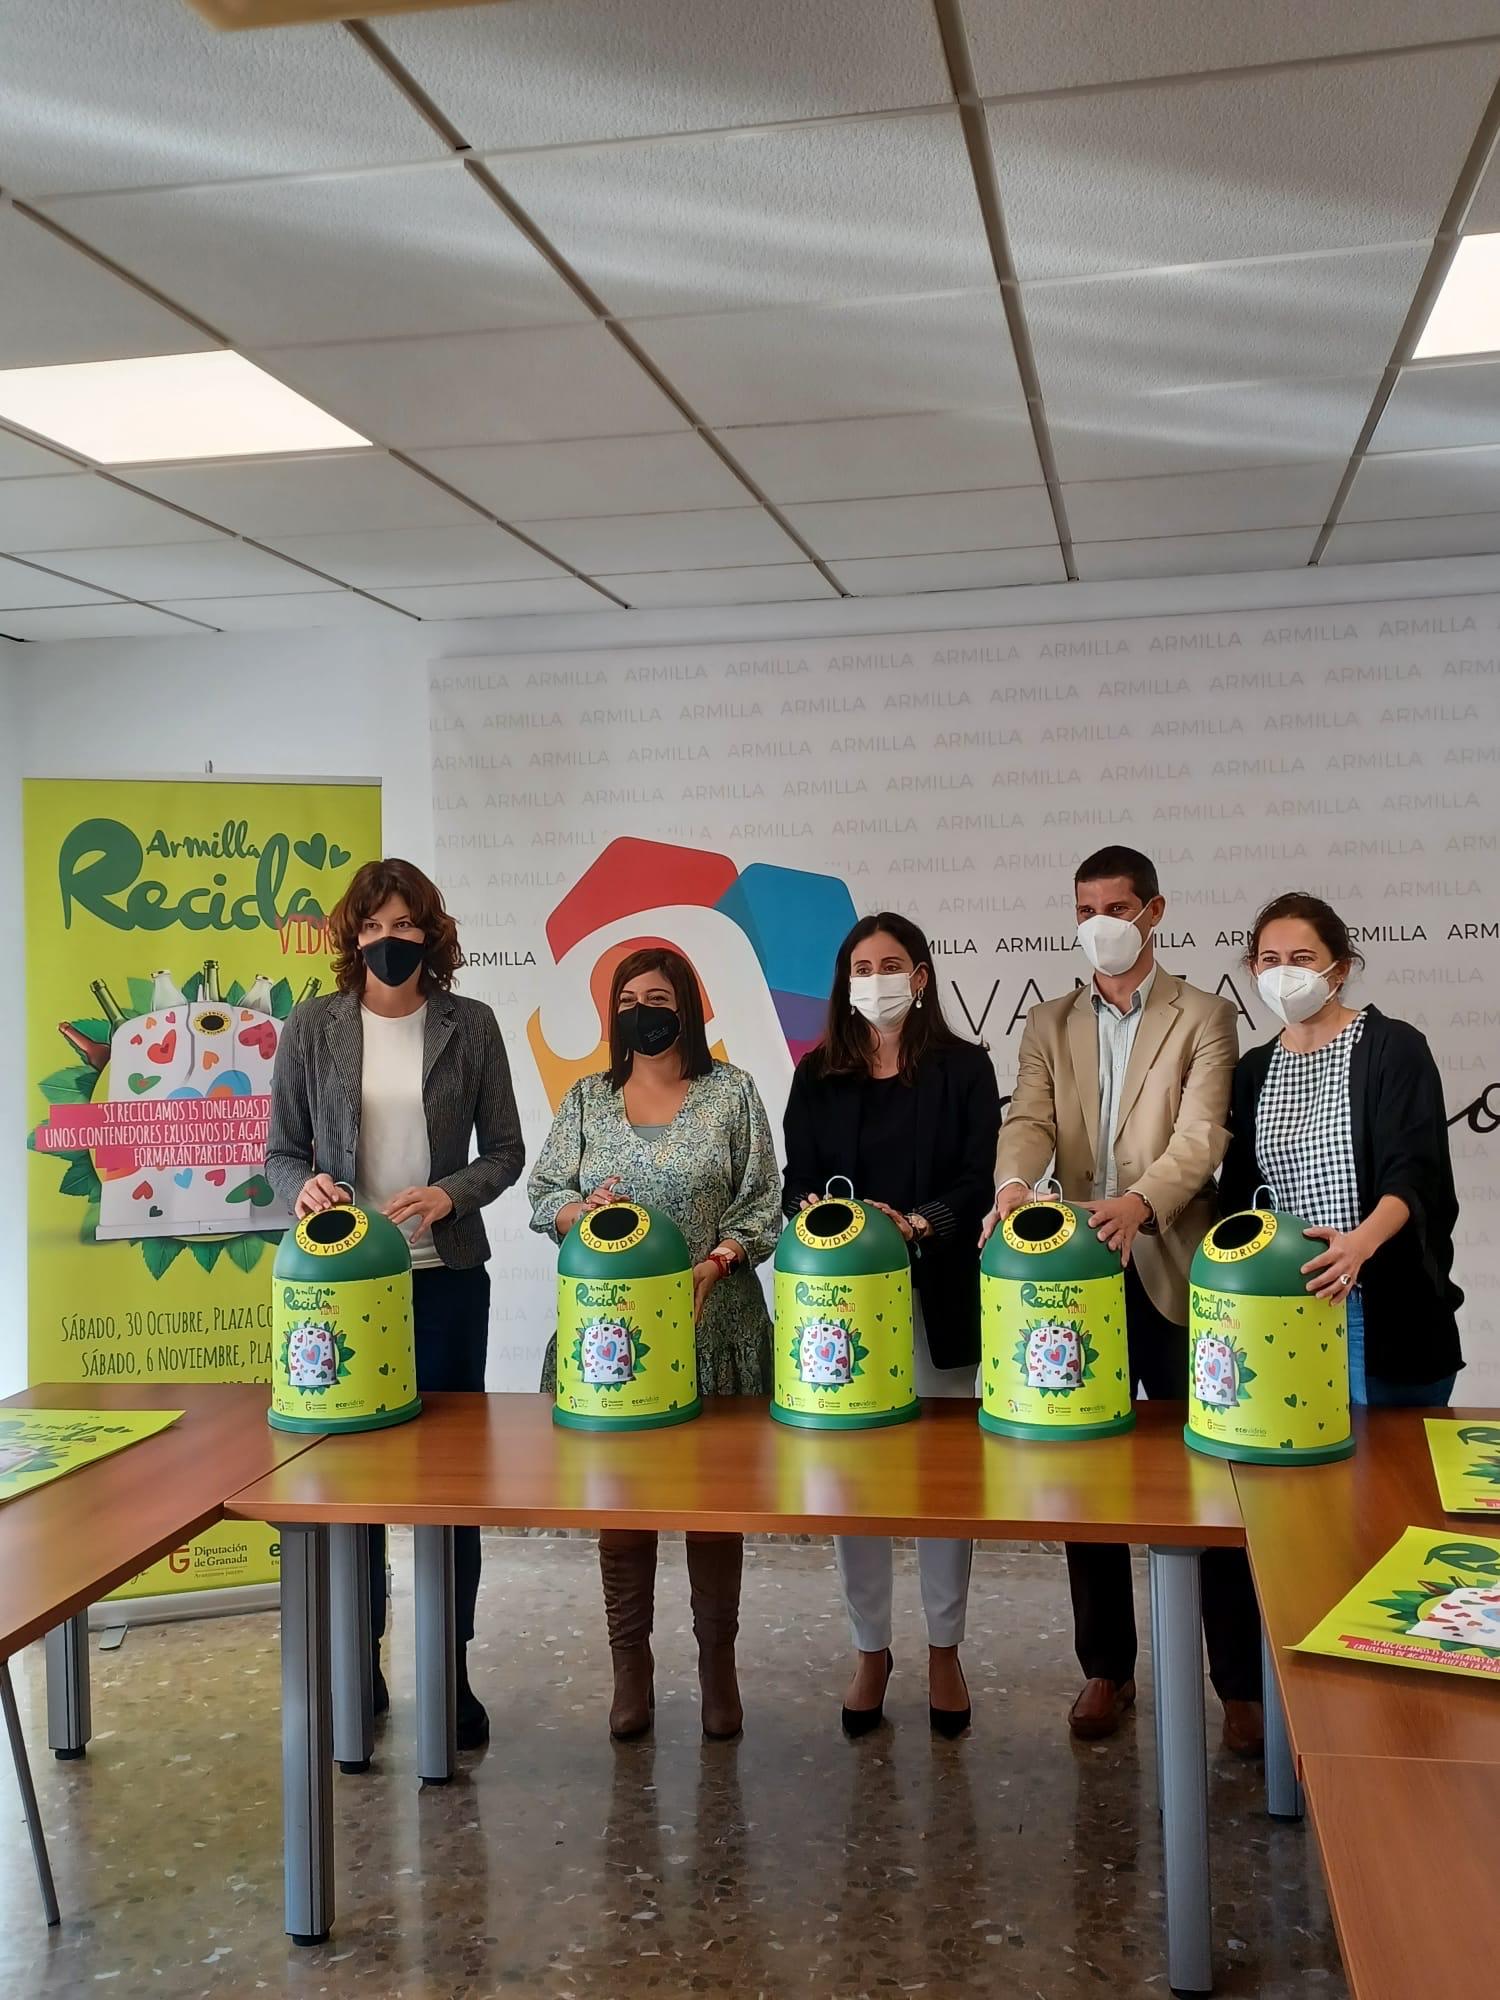 Diputación y Ecovidrio lanzan un reto para promover el reciclaje de envases de vidrio en Armilla